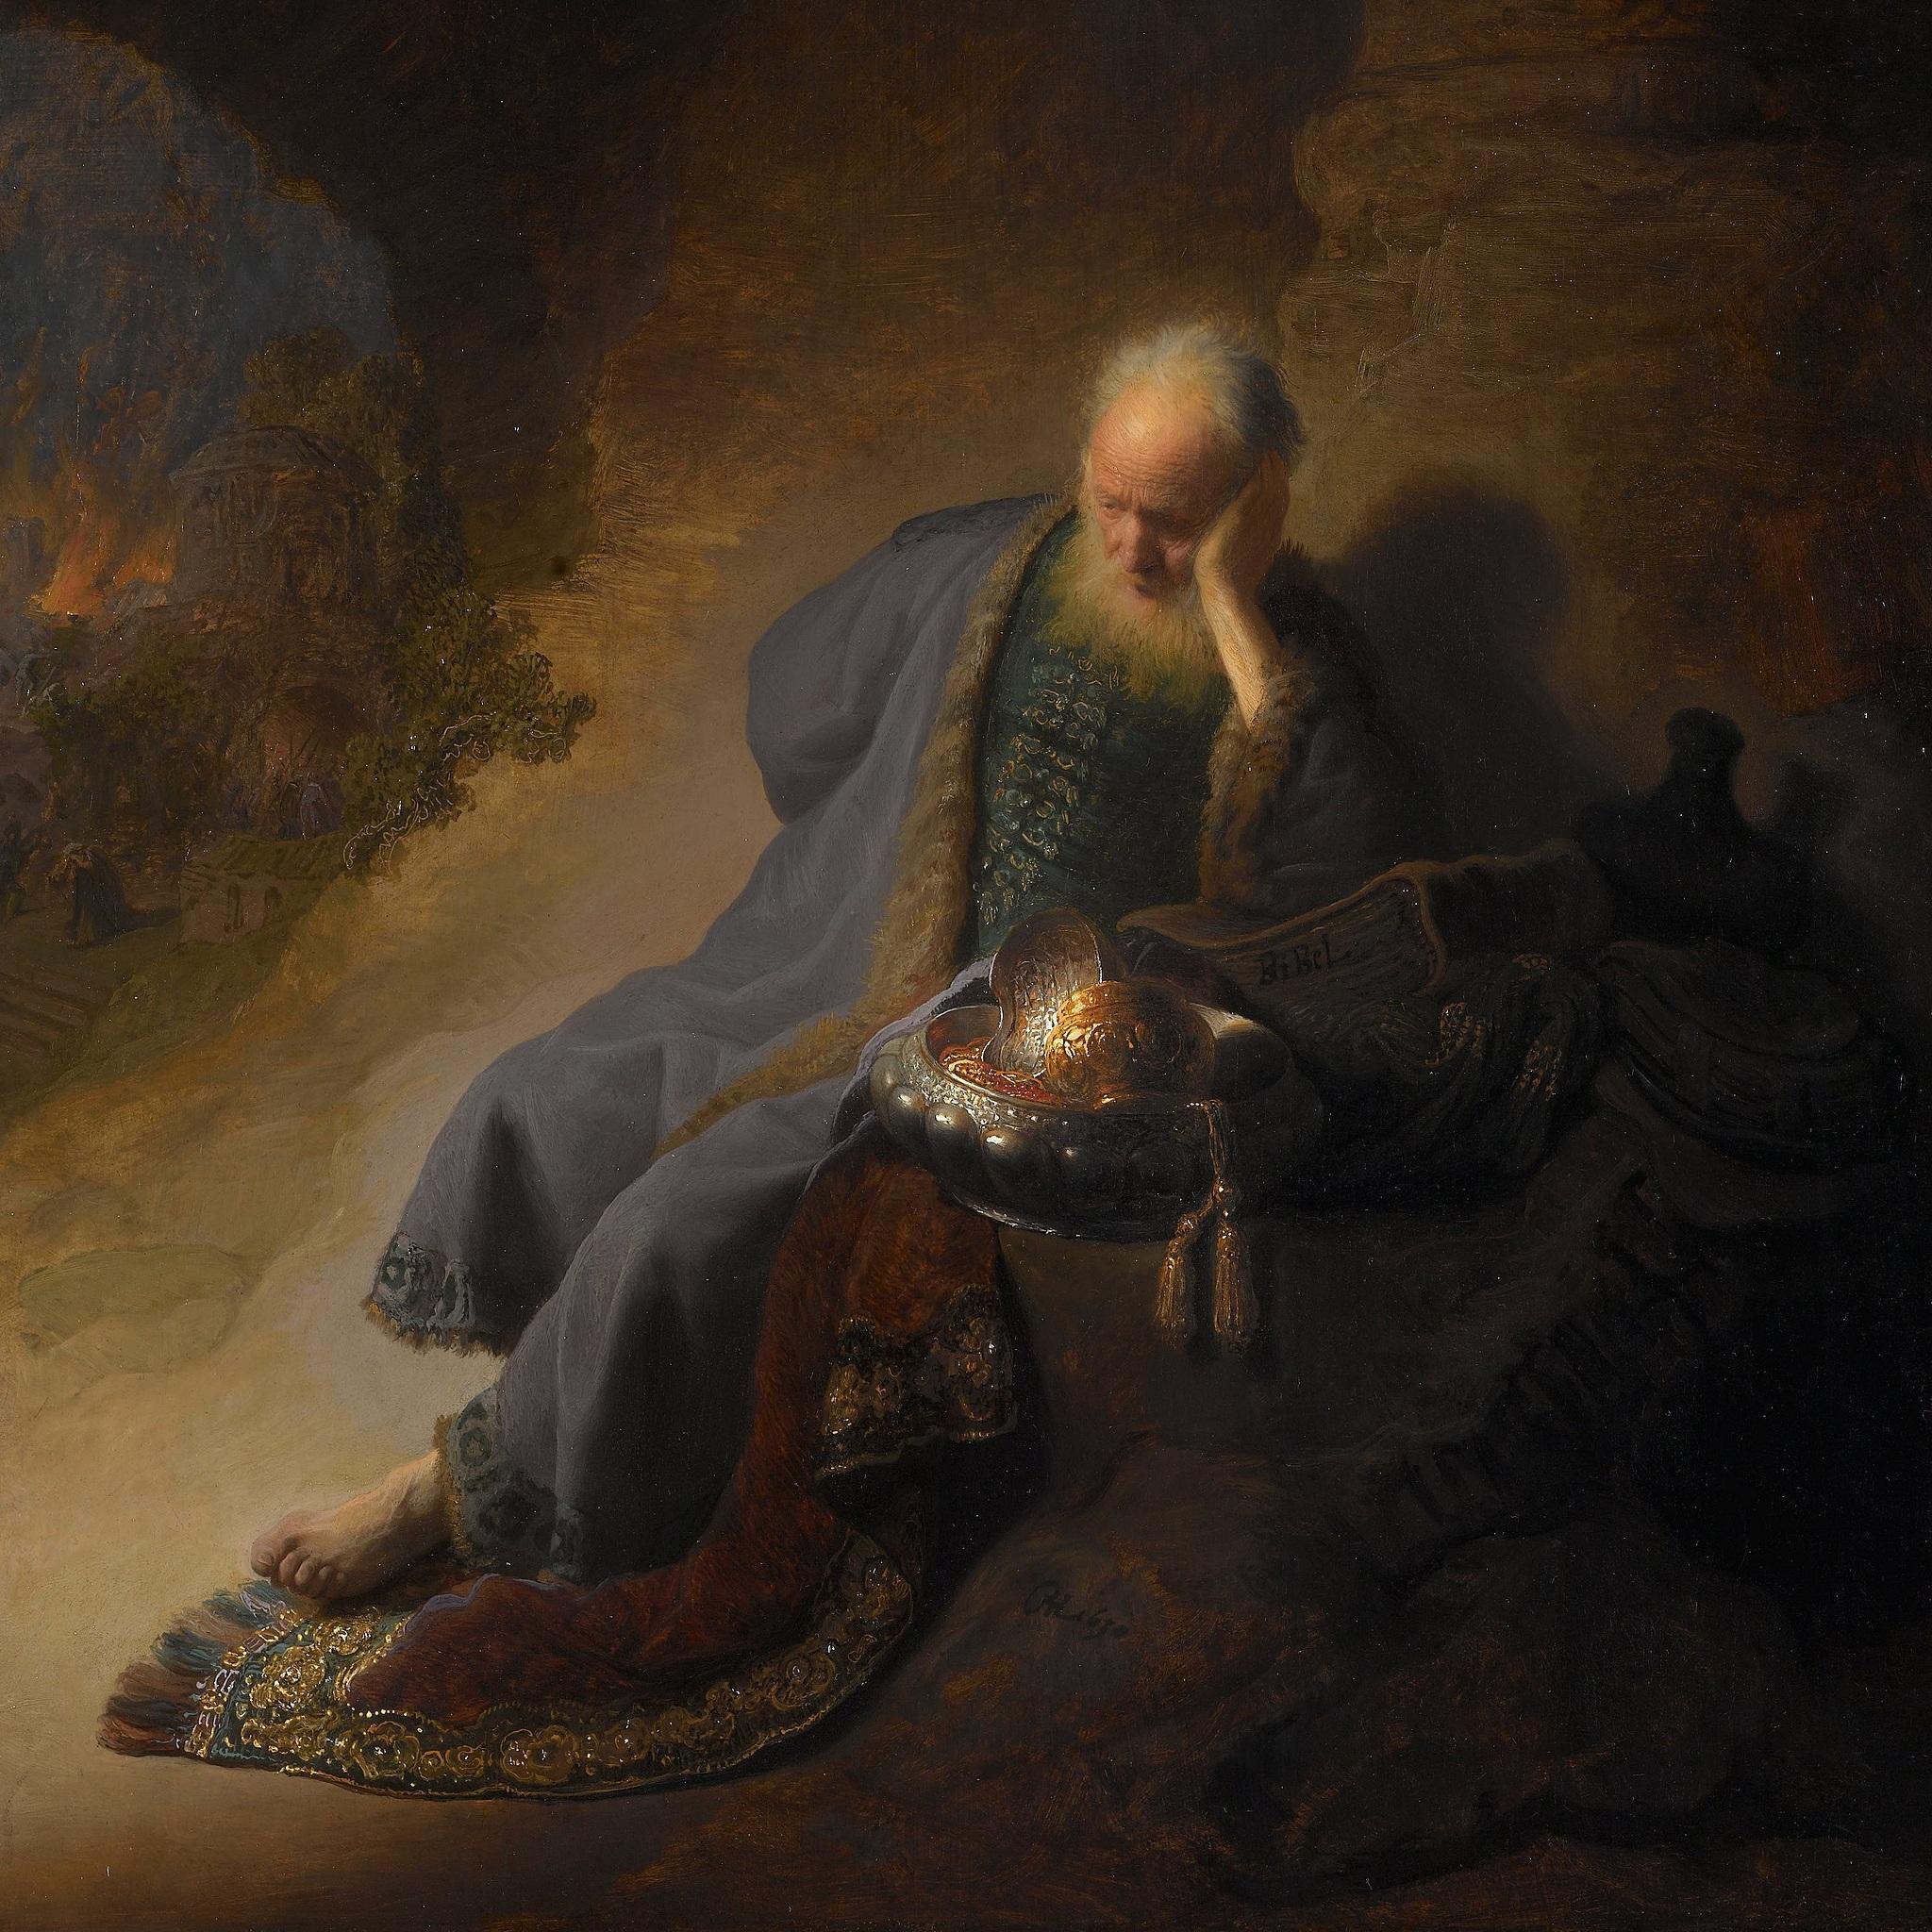 2048px-Rembrandt_Harmensz._van_Rijn_-_Jeremia_treurend_over_de_verwoesting_van_Jeruzalem_-_Google_Art_Project.jpg